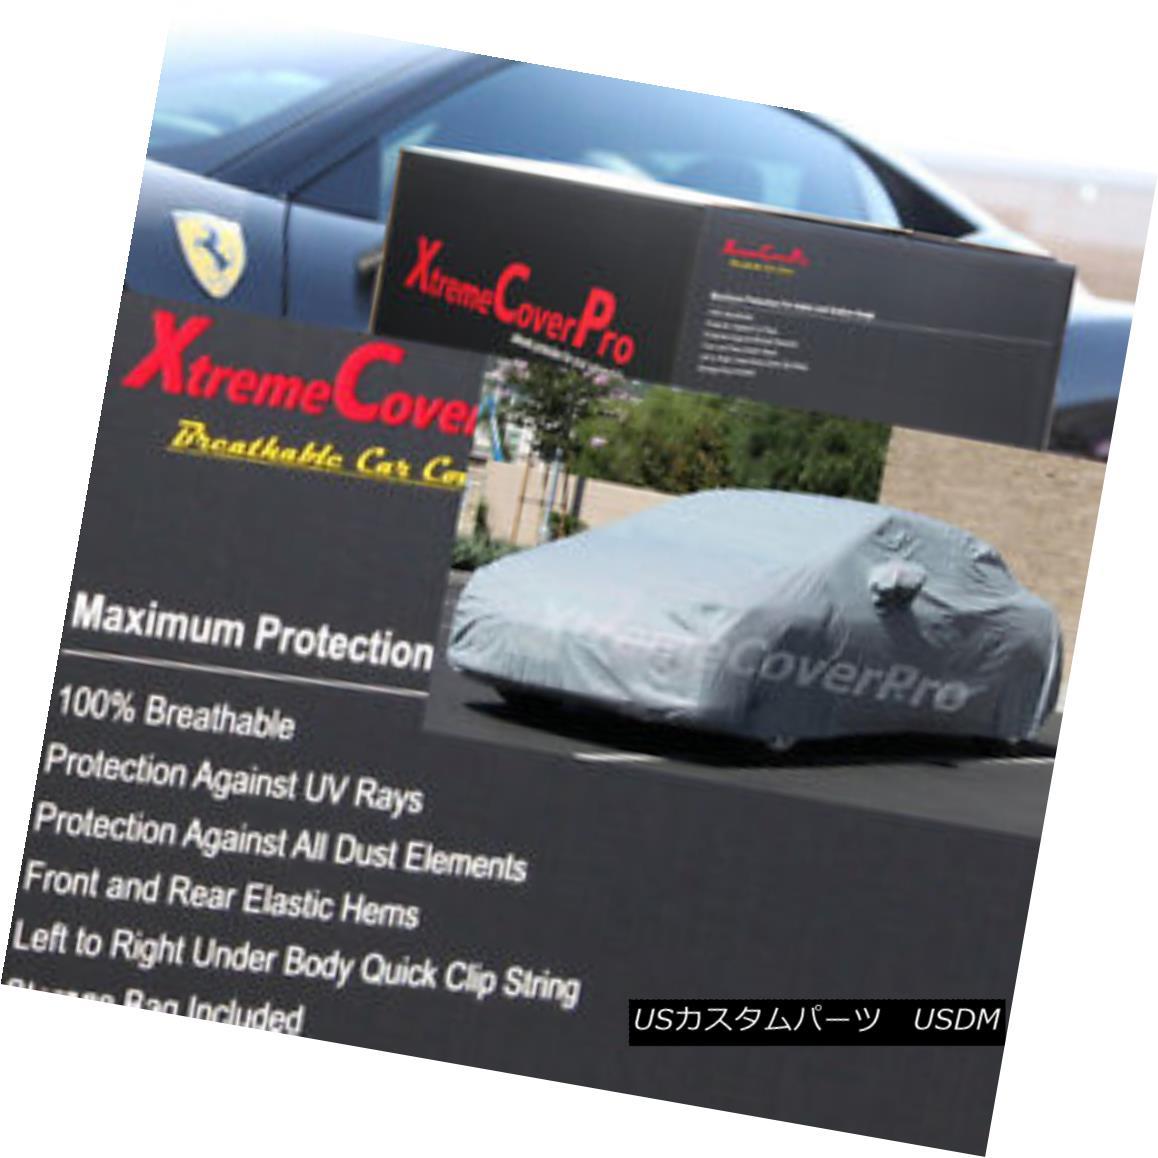 カーカバー 2004 2005 2006 2007 Mercedes C240 C320 C350 Breathable Car Cover w/MirrorPocket 2004年2005年2006年2007年メルセデスC240 C320 C350 MirrorPocket付き通気性車カバー